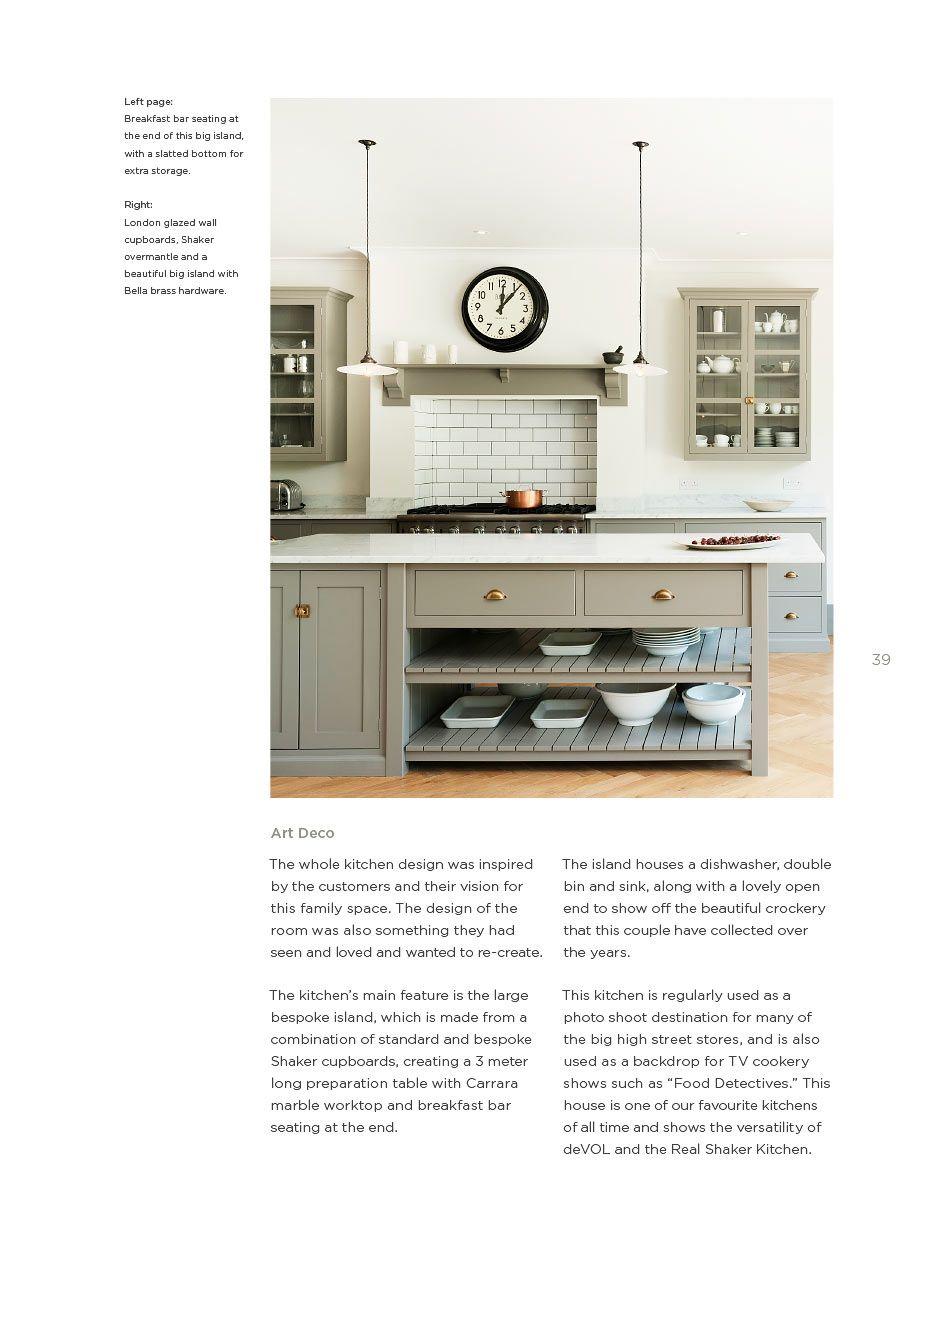 Fein Weiß Schüttler Küche Fotos Galerie - Küchen Design Ideen ...